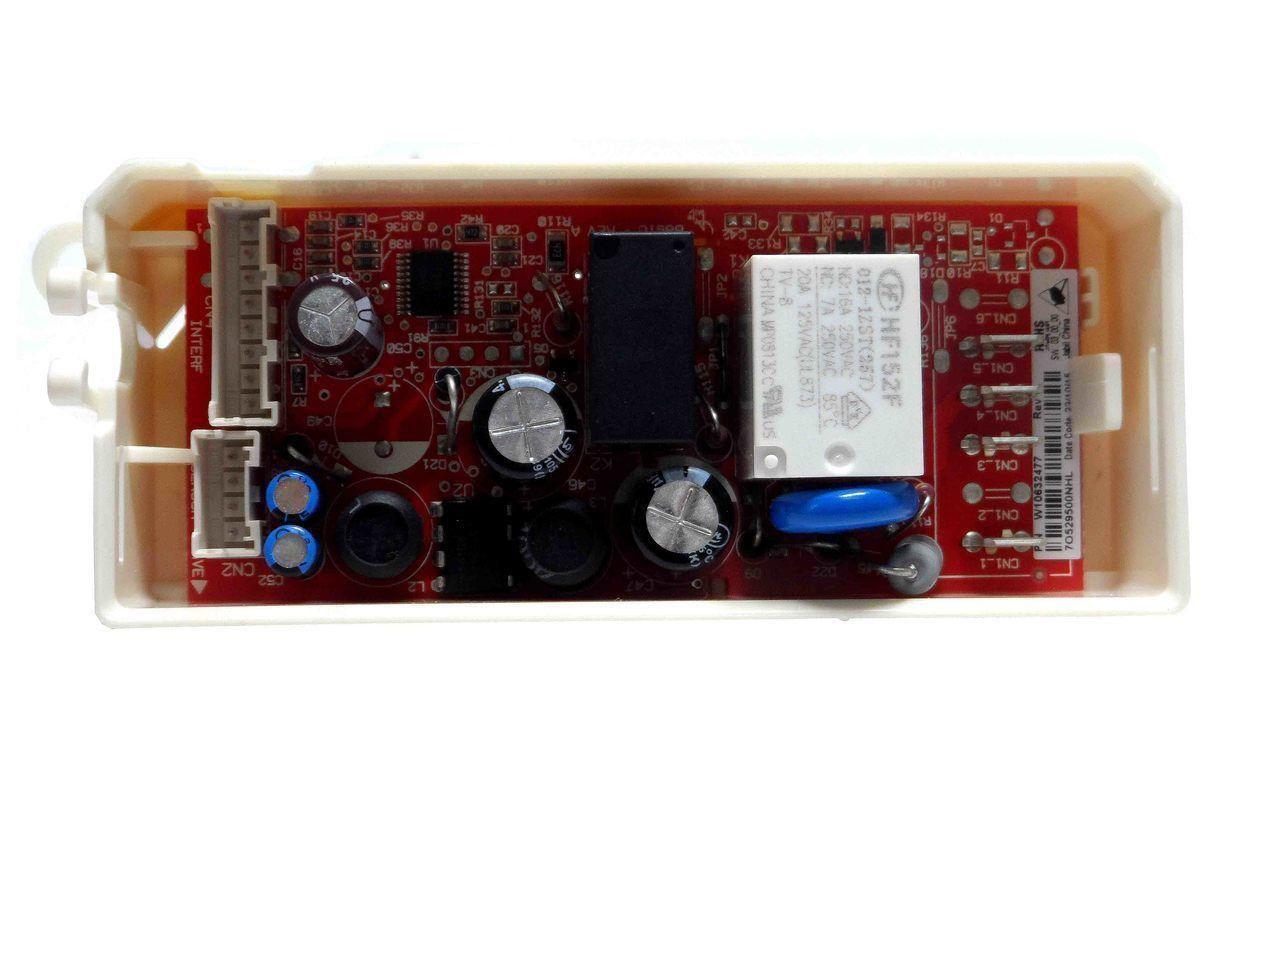 Modulo Eletrônico Hercules III Refrigerador Brastemp Consul W10632492